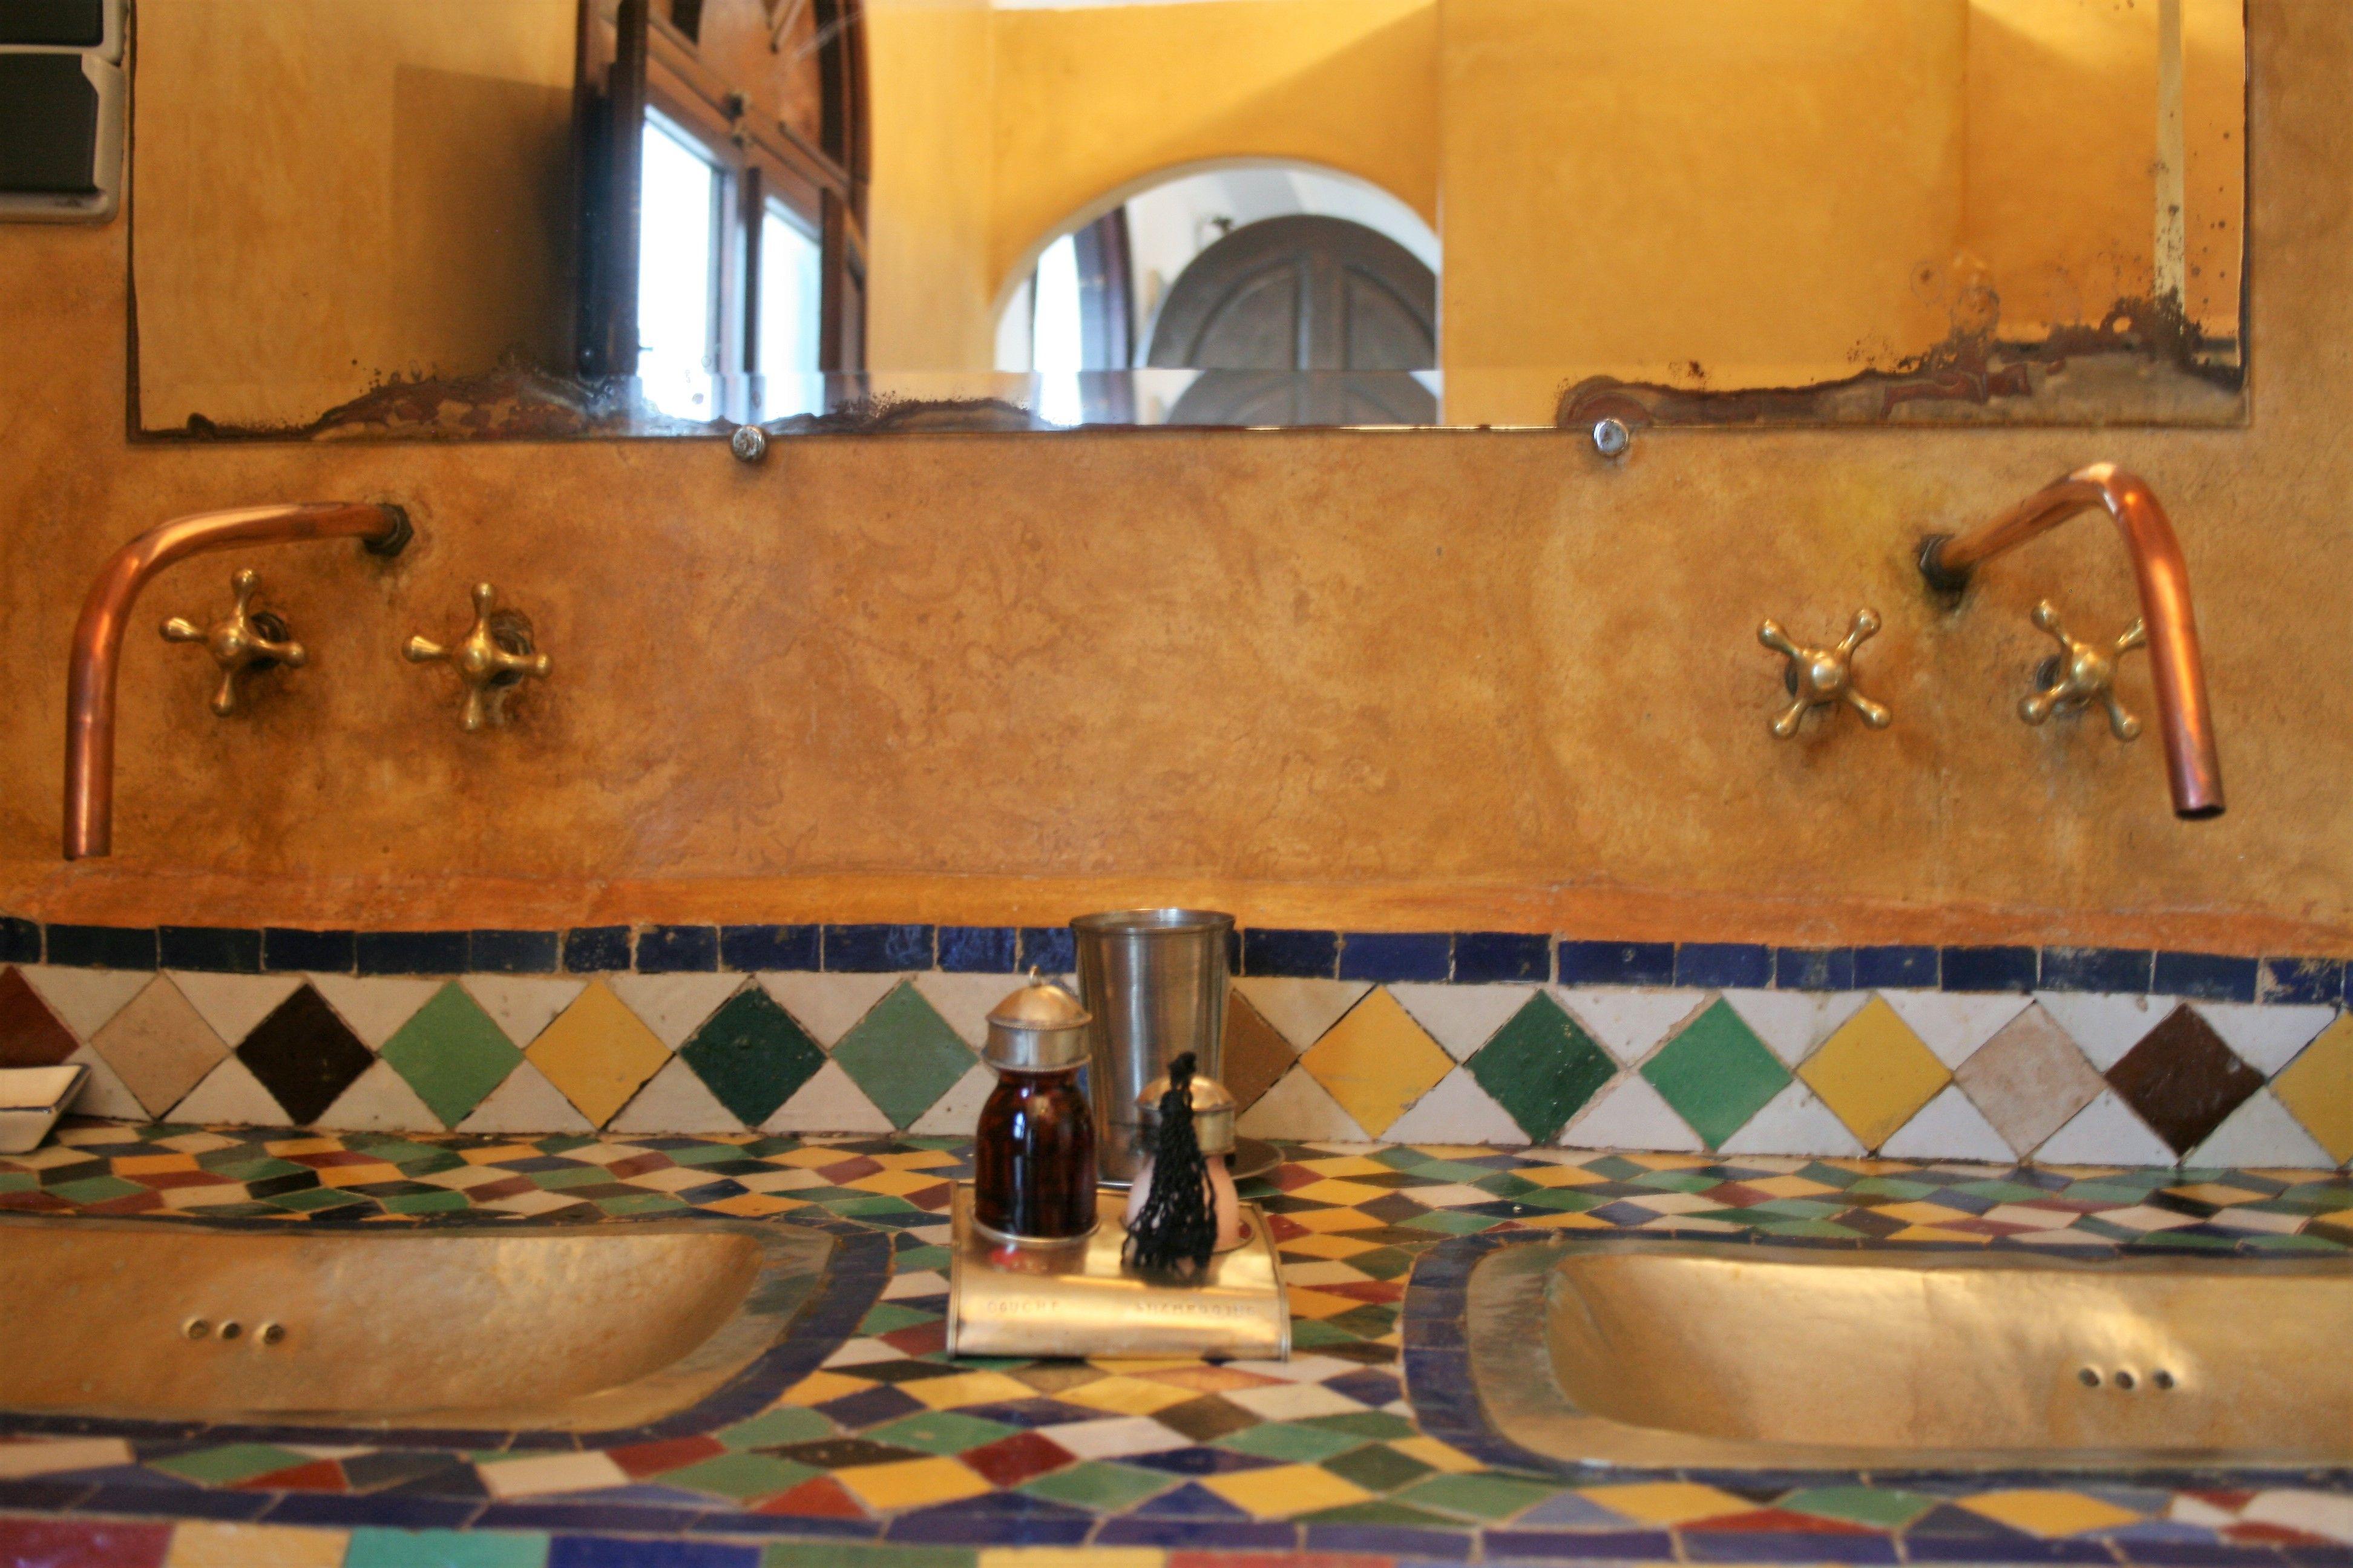 Orientalische Badgestaltung   Badgestaltung, Badezimmerboden ...